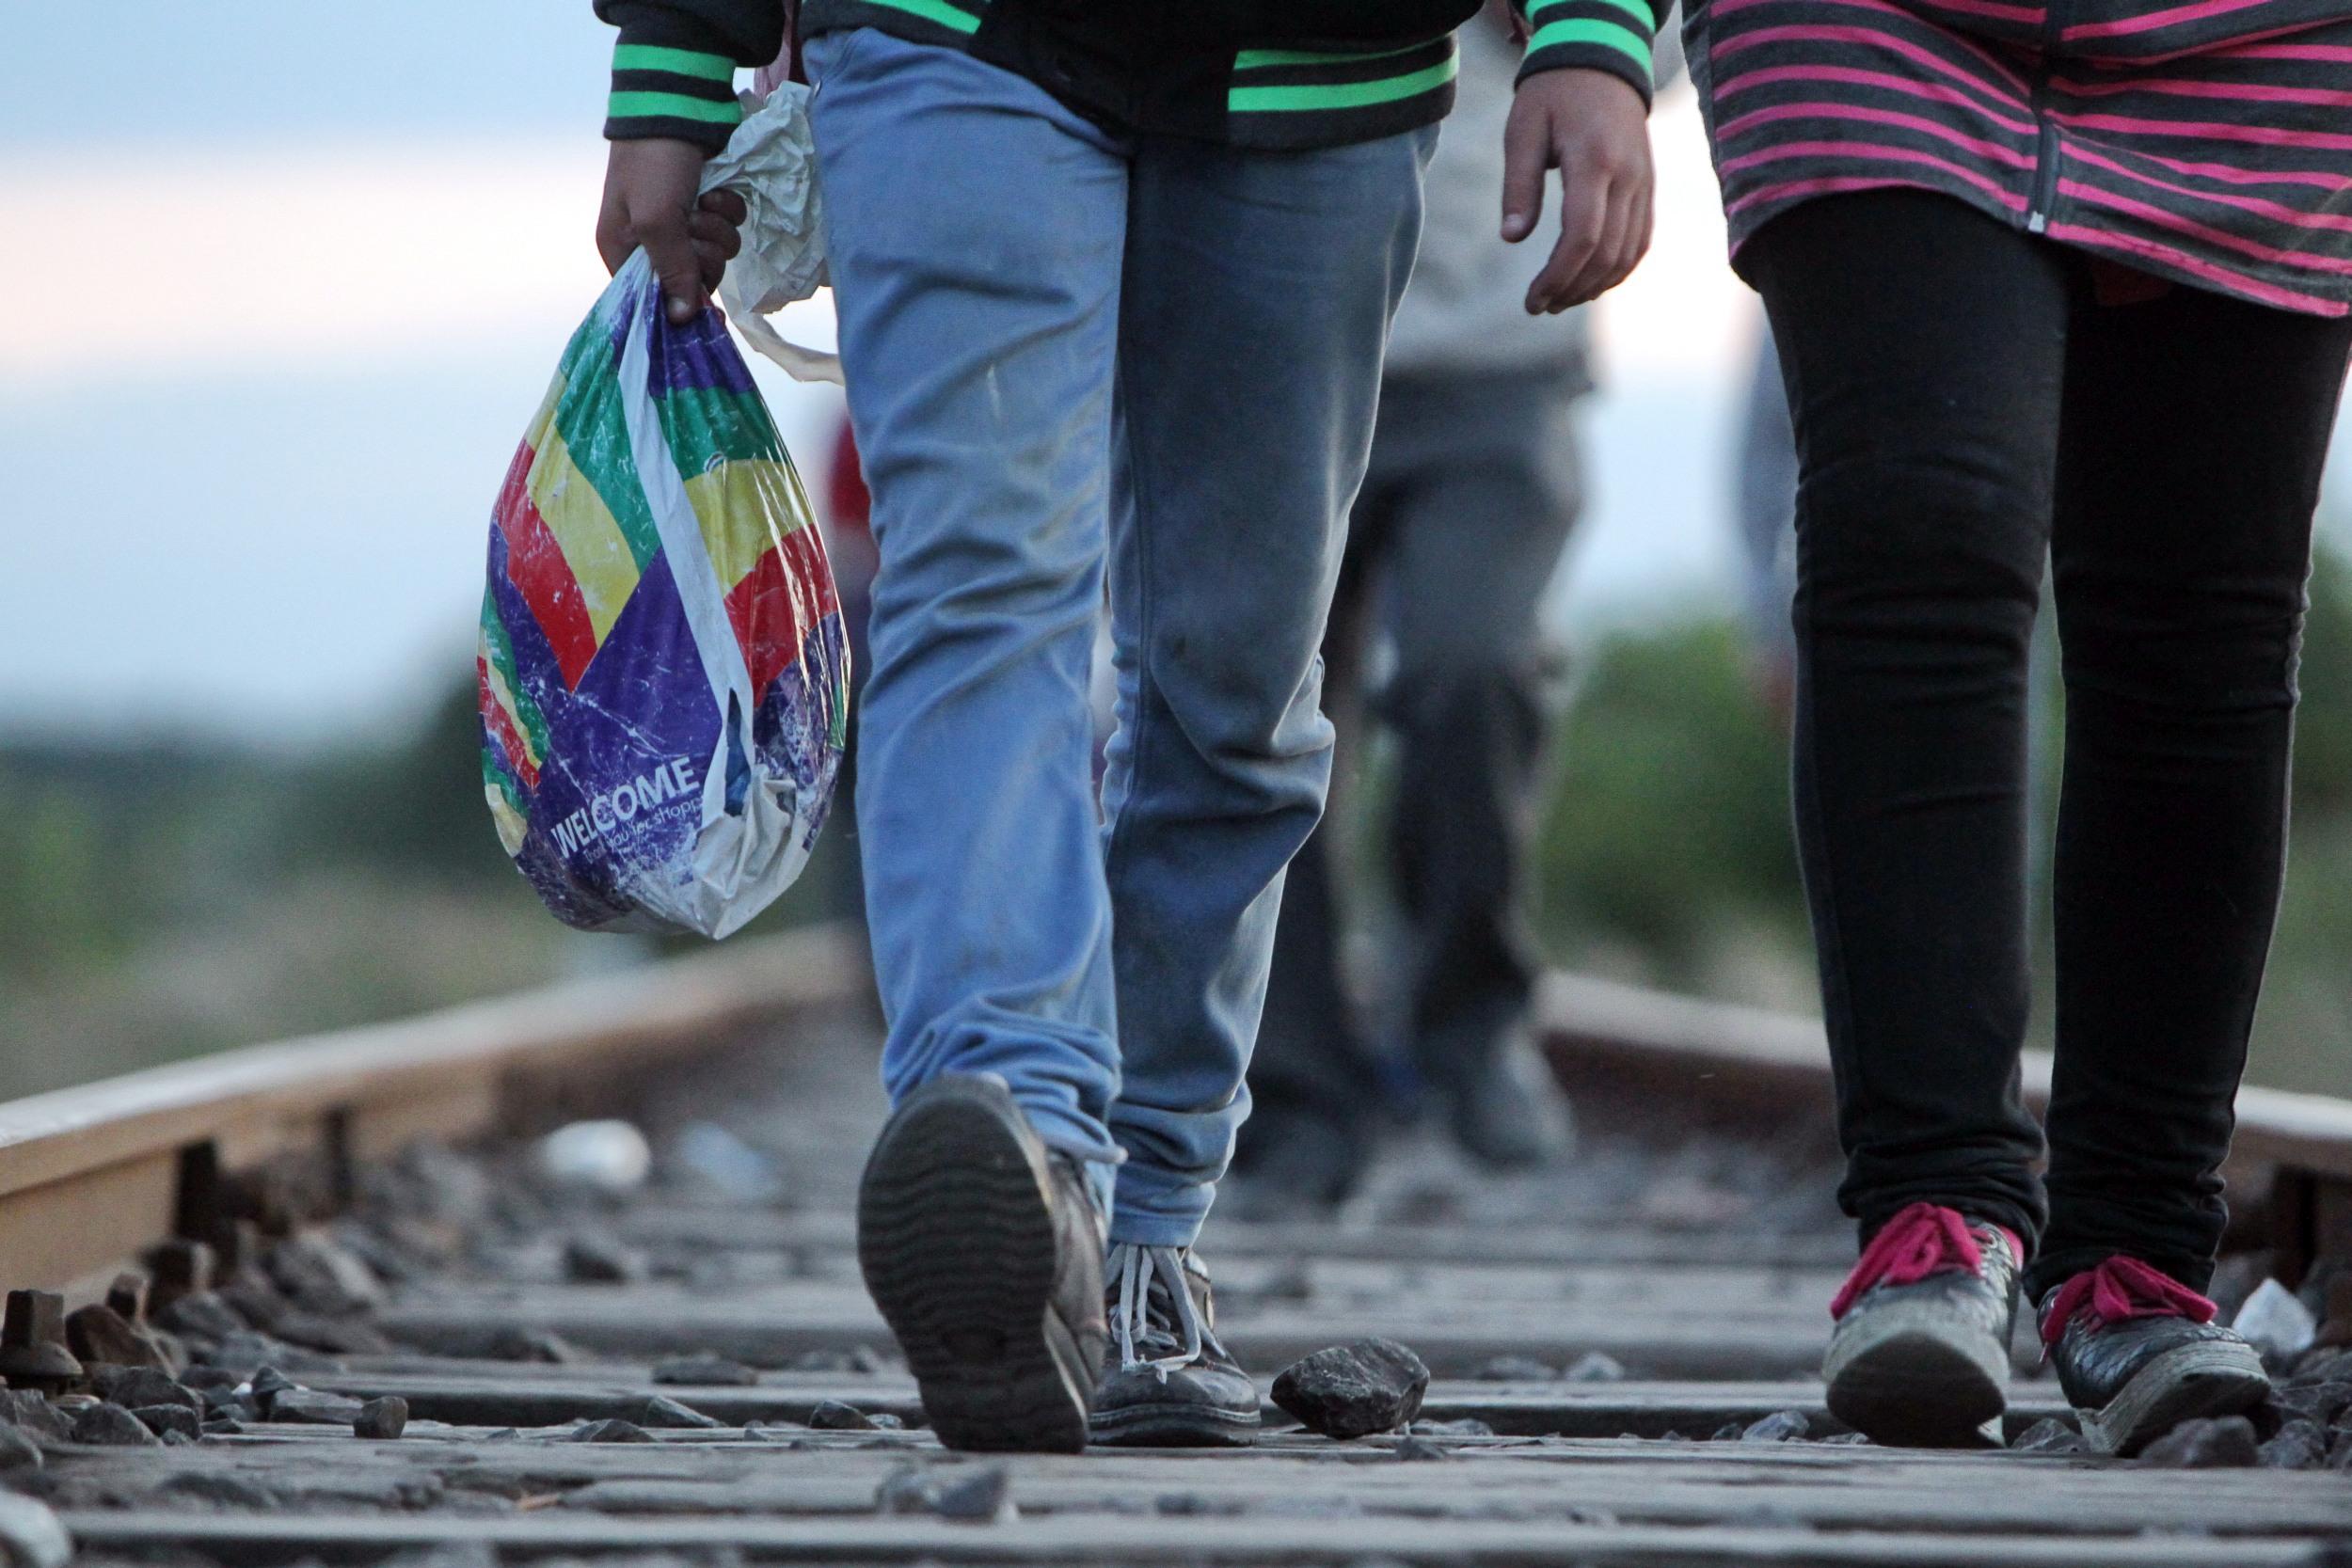 Donald Tusk: Cotele obligatorii de refugiaţi s-au dovedit a fi ineficiente şi au generat dezbinare. Politica UE în materie de migraţie necesită reforme